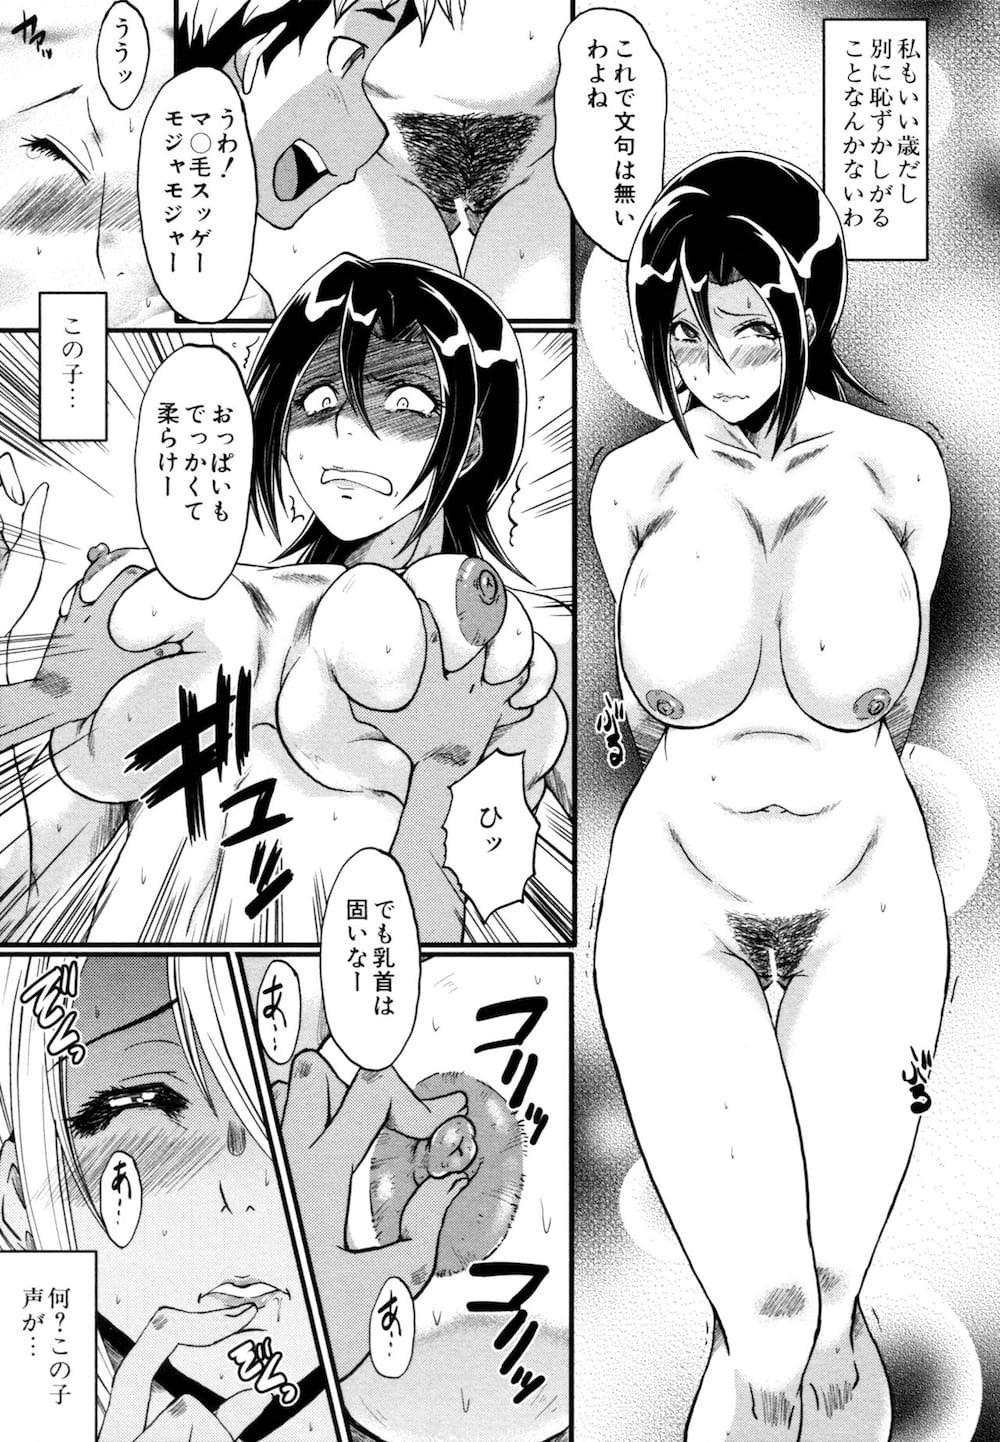 【エロ漫画】シングルマザーが息子とその友達の言いなりになって3Pセックスで新しい悦びに目覚めるwww